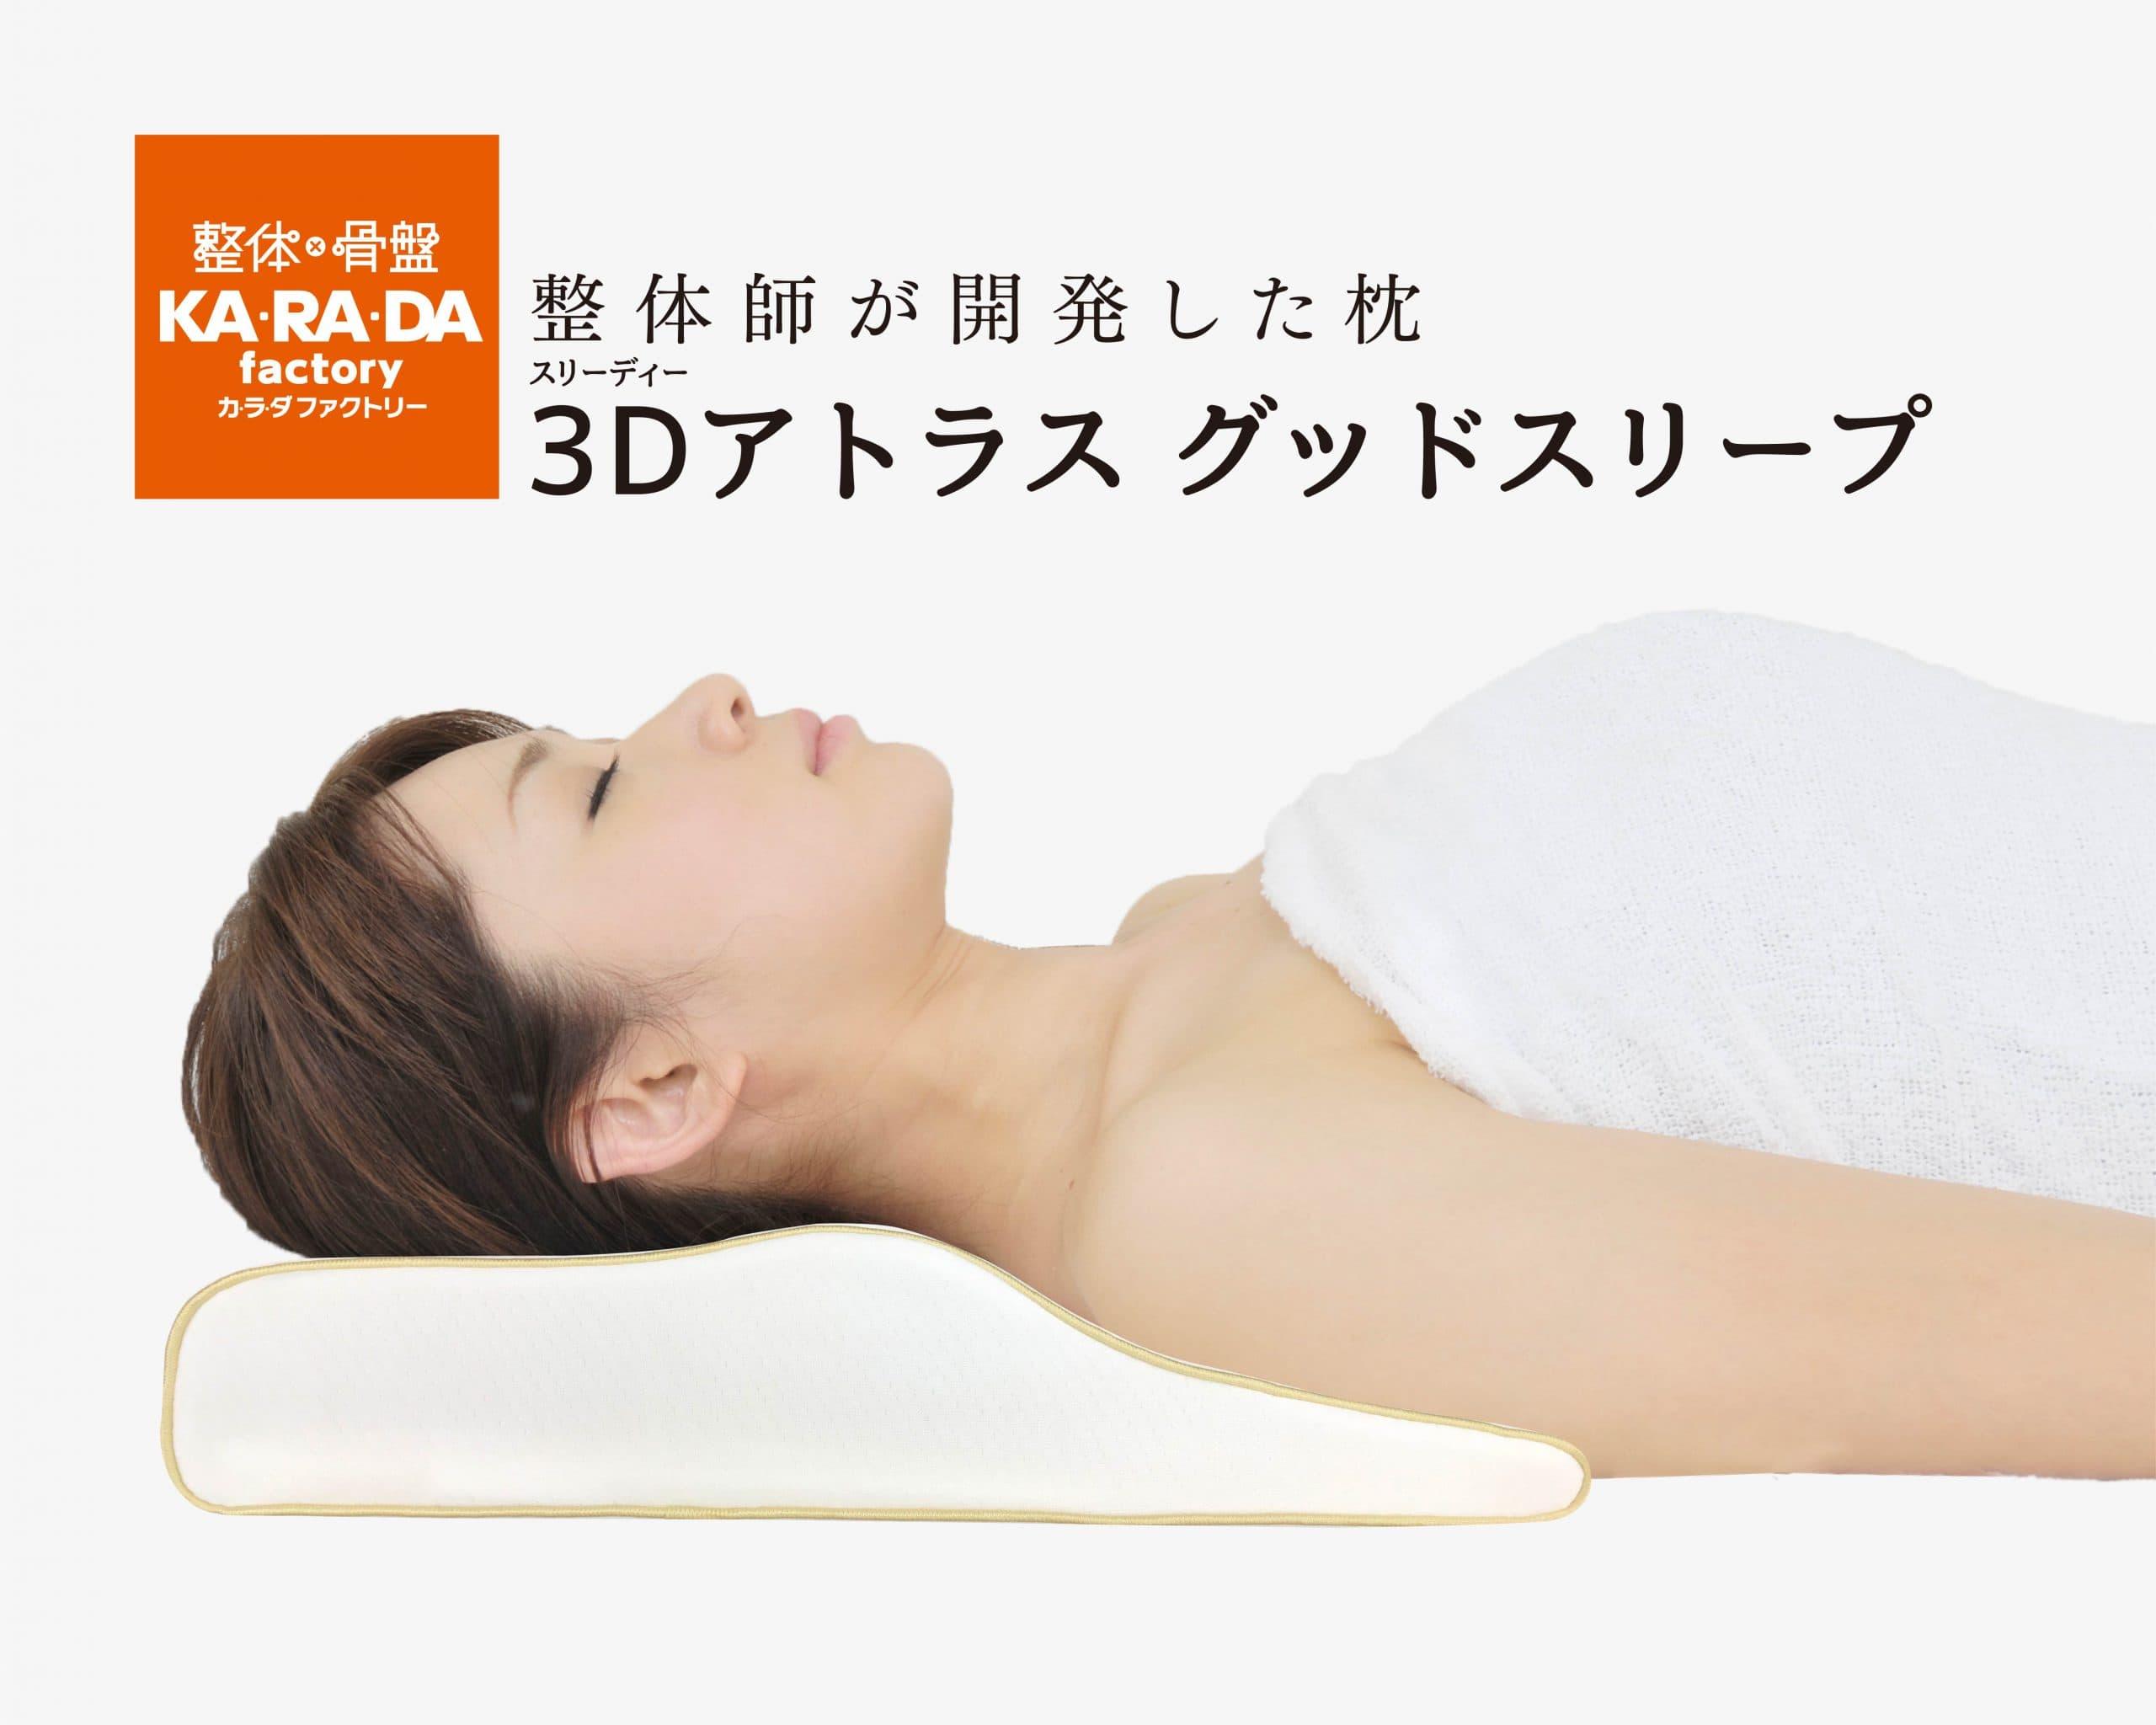 整体師が開発した枕 3Dアトラスグッドスリープ